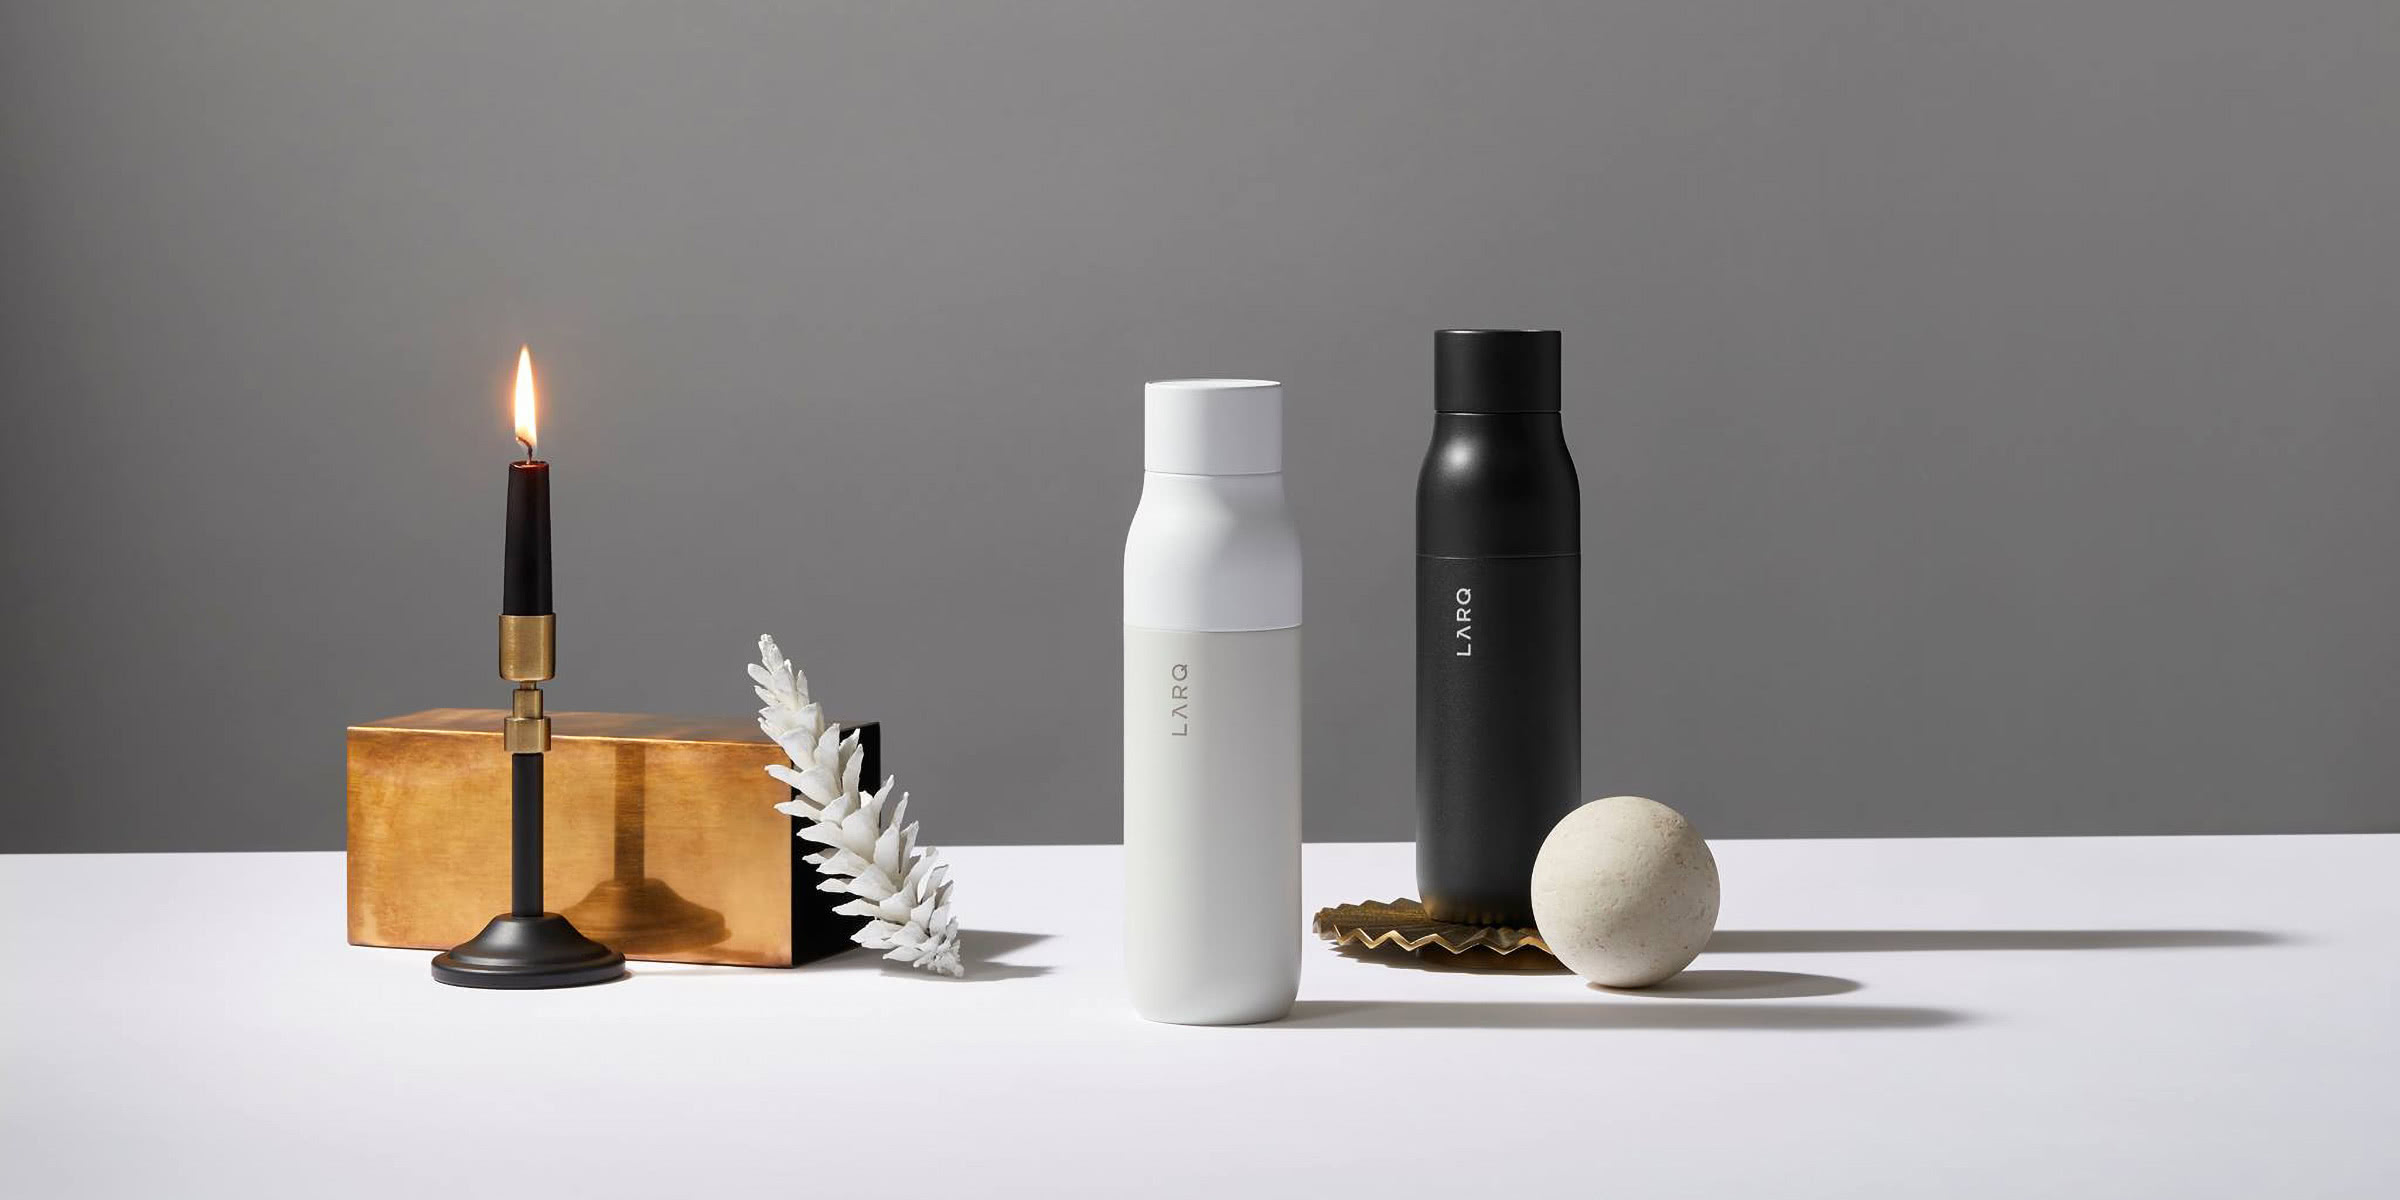 best water bottle - Luxe Digital